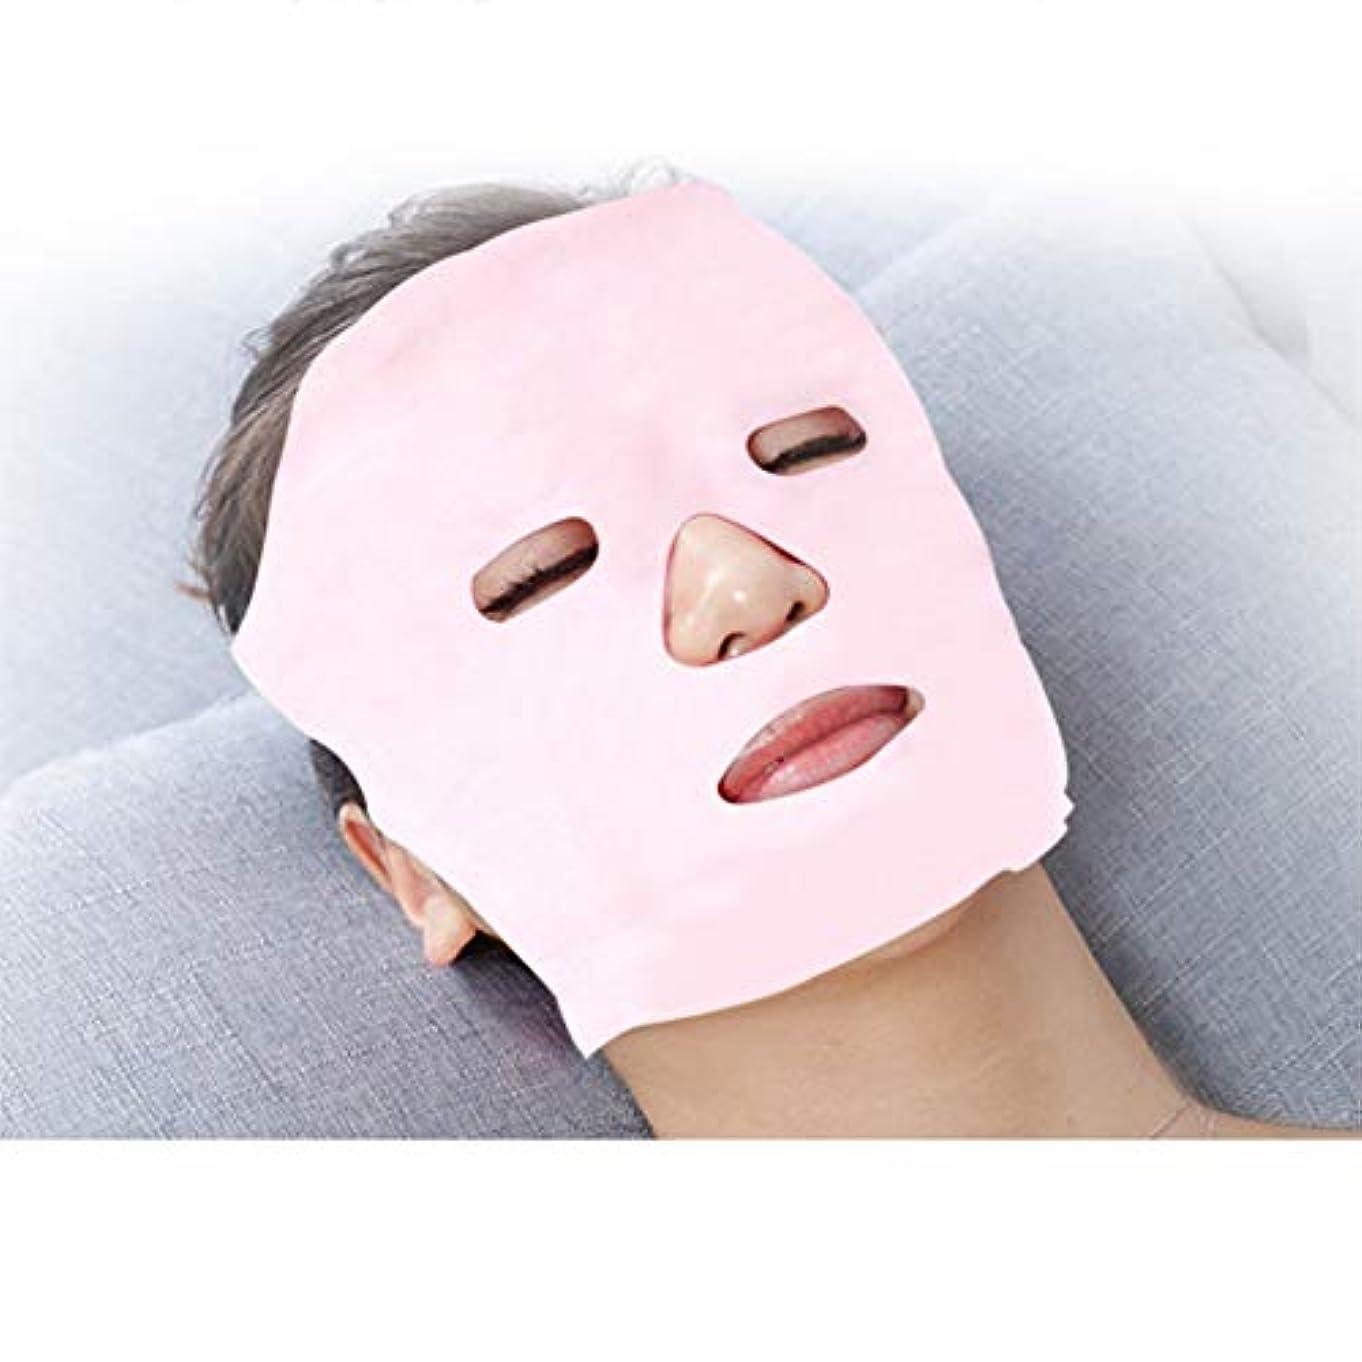 フェデレーション是正思われるトルマリンジェル マグネットマスク マッサージマスク 颜美容 フェイスマスク 薄い顔 肤色を明るく ヘルスケアマスク 磁気 ェイスポーチ Cutelove